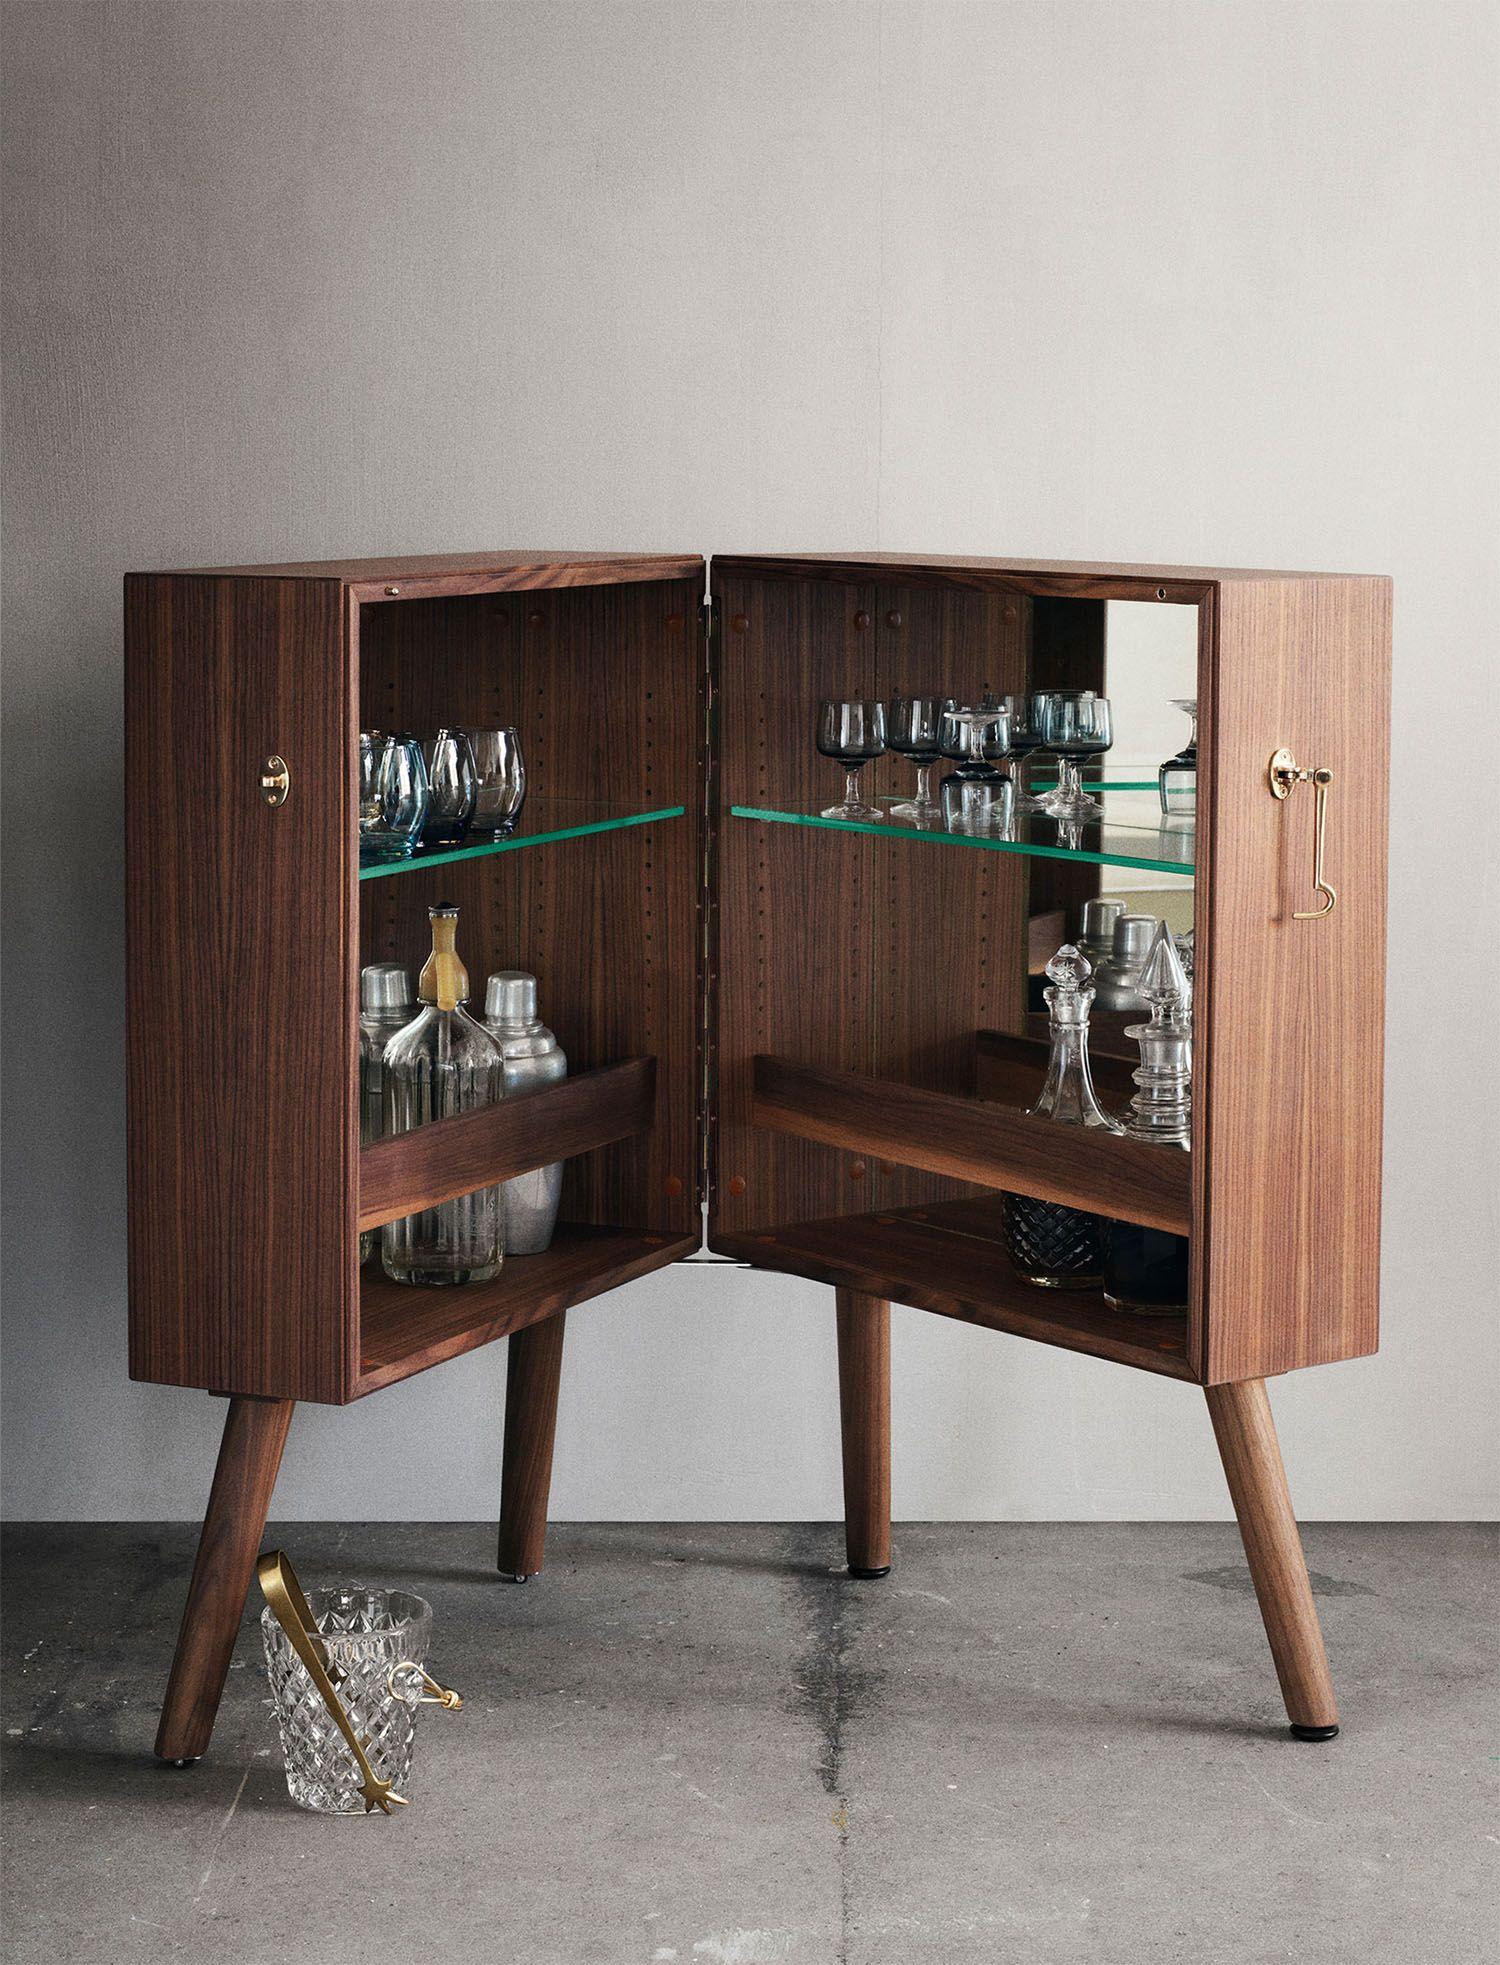 Living Room Bar Cabinet Barskayenpet Oliver Bolia Living Room Pinterest Denmark